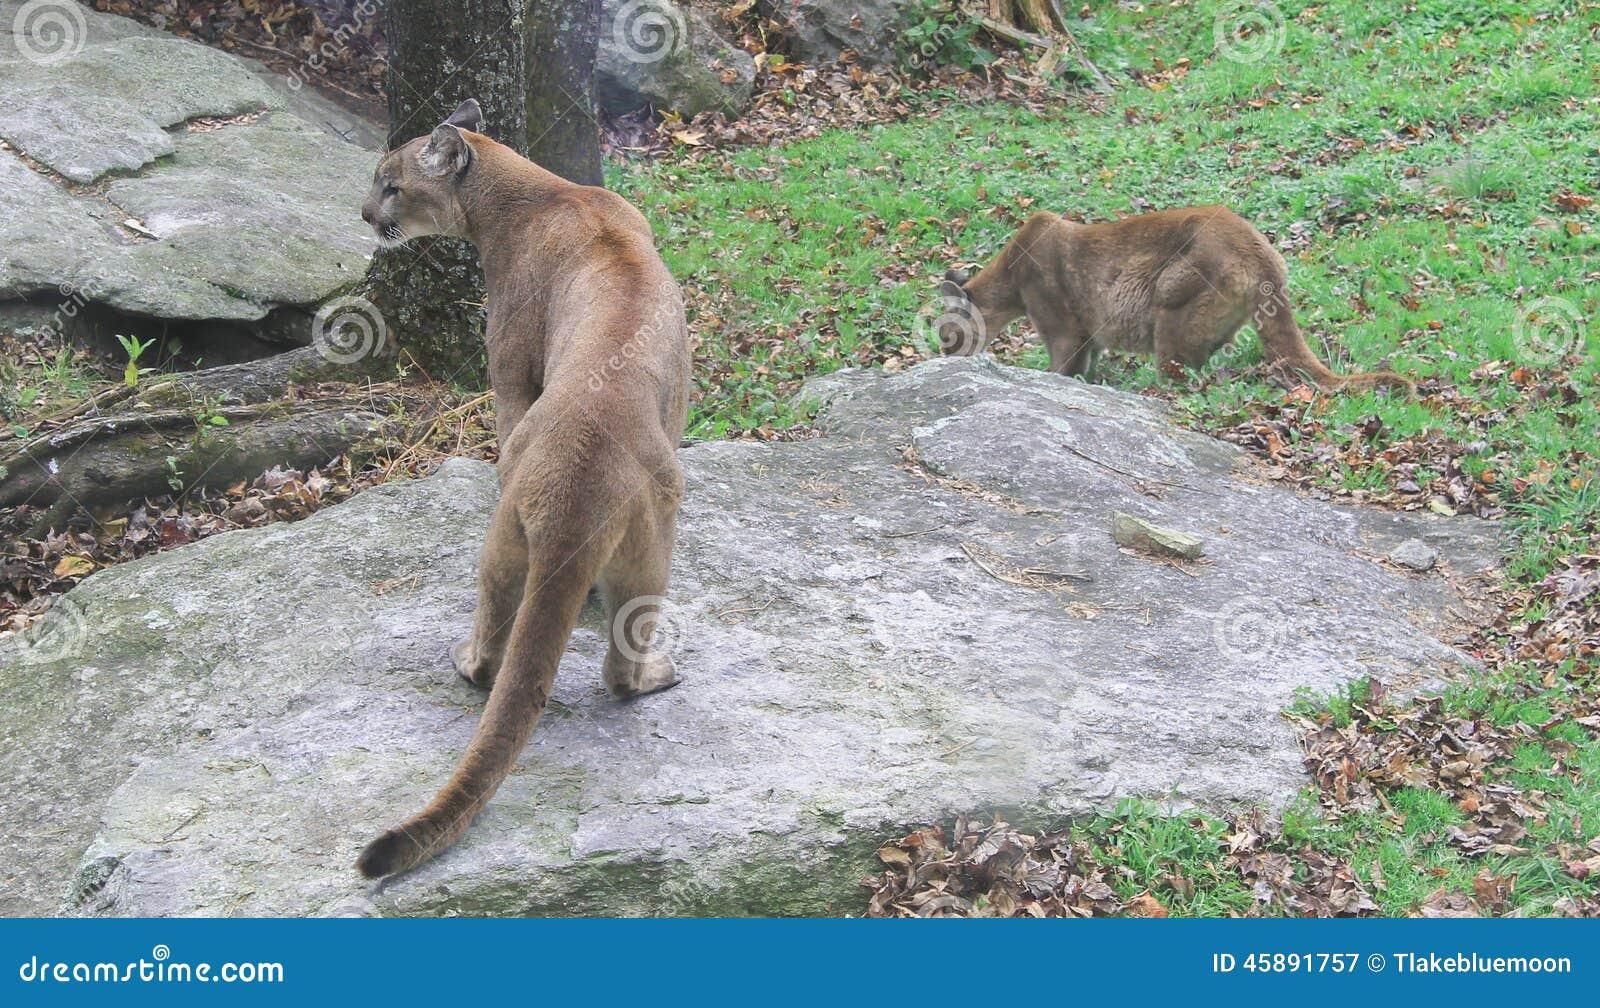 Cougars in north carolina